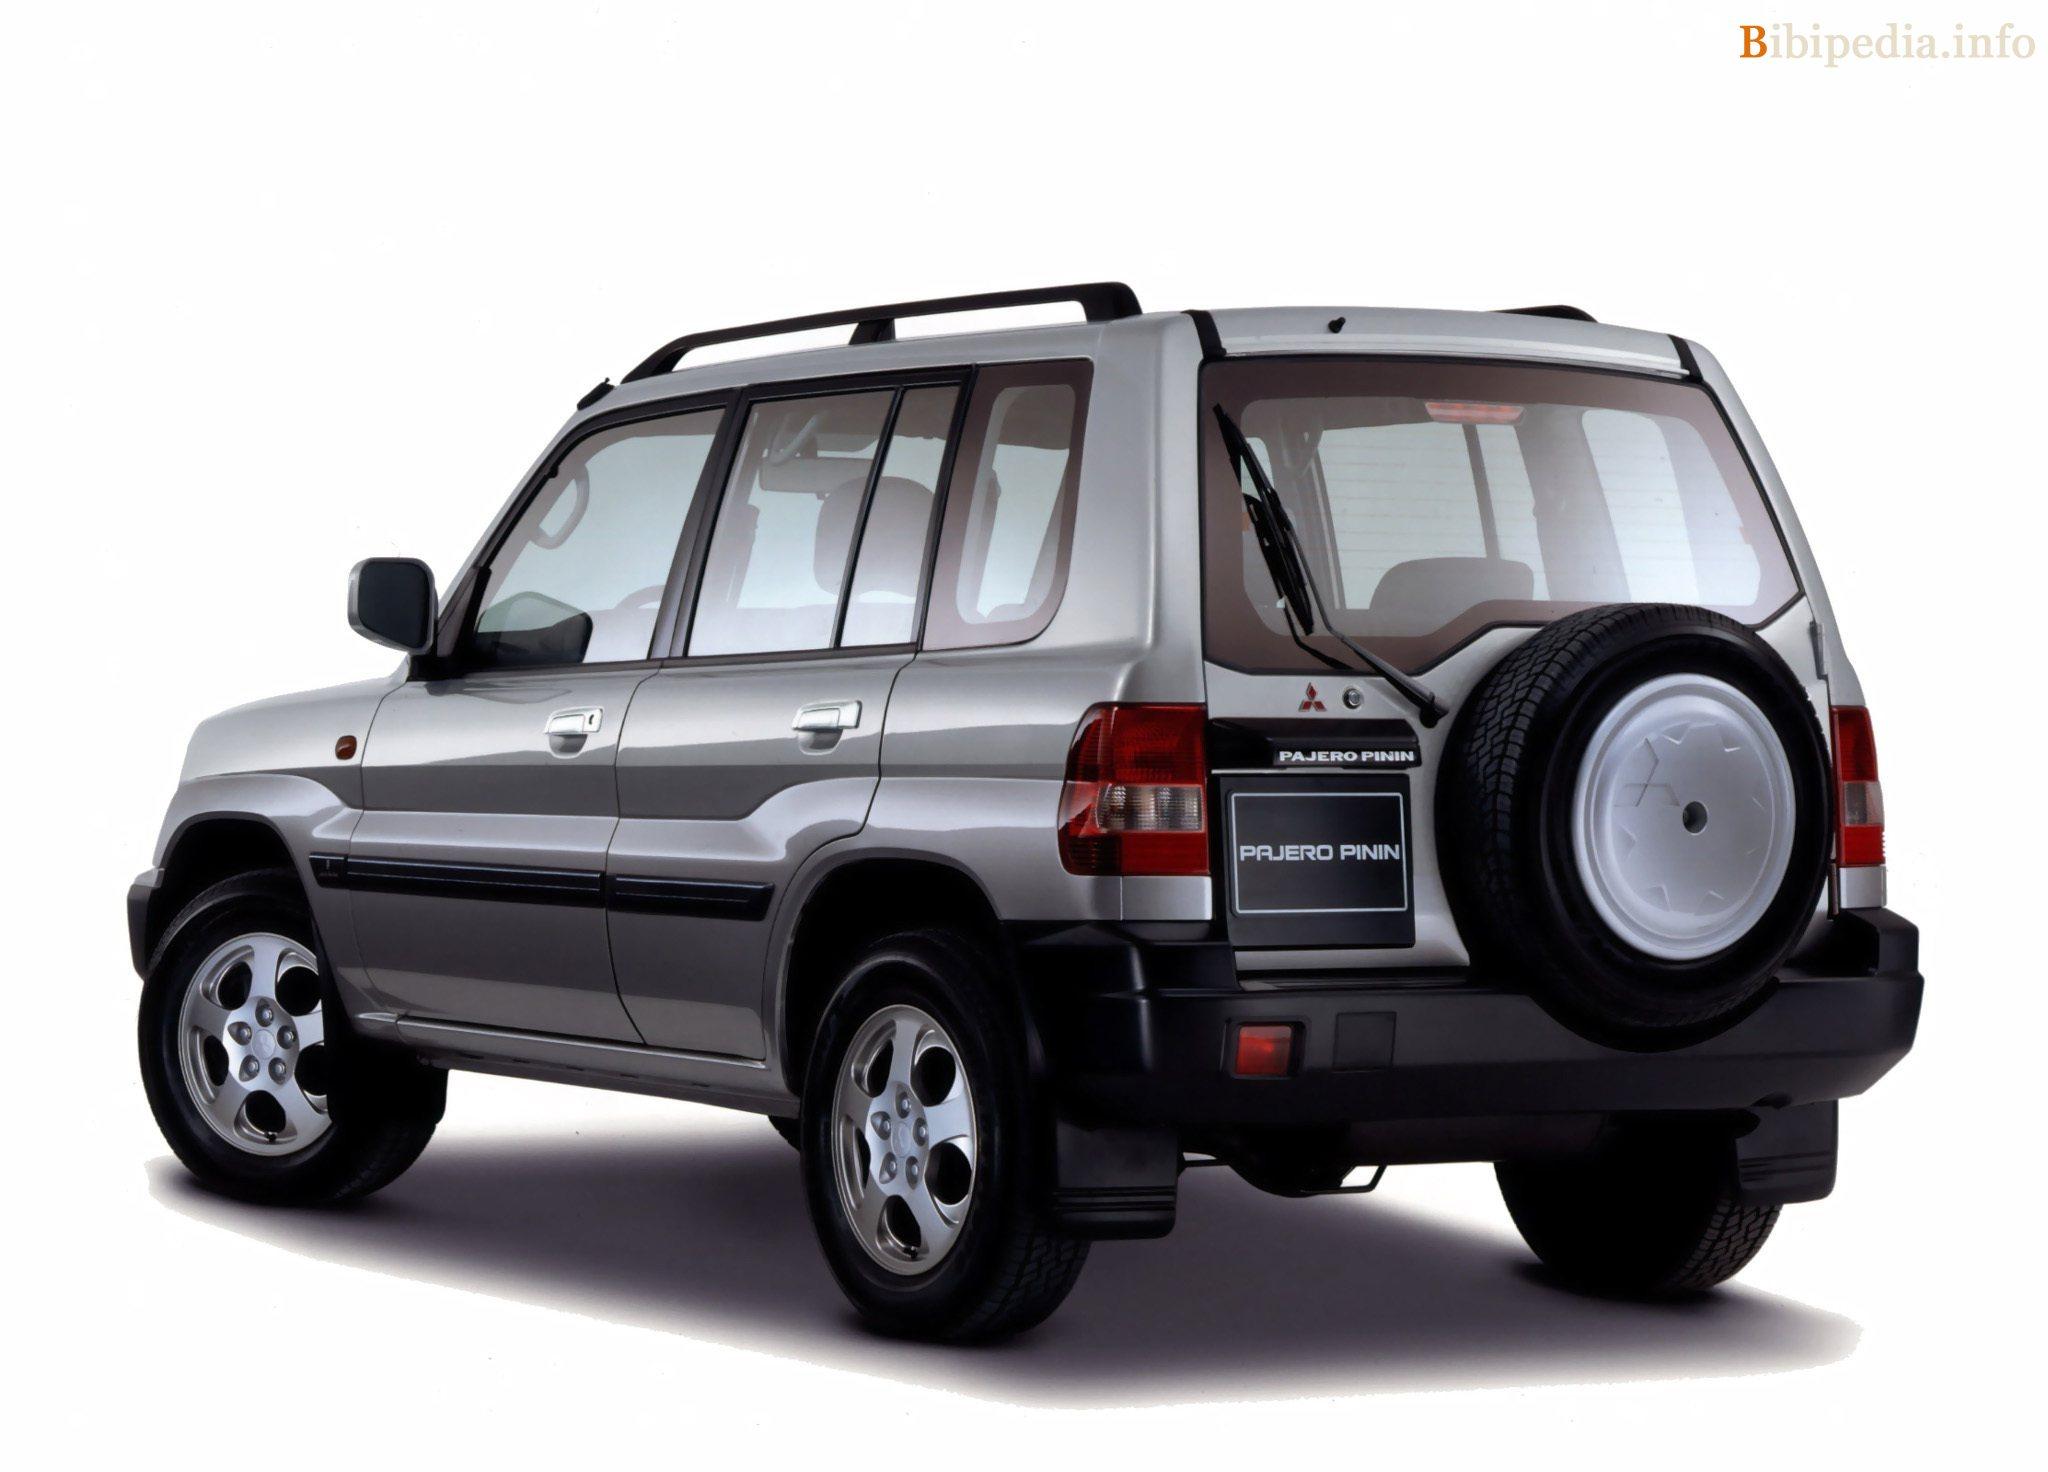 2005 Mitsubishi Pajero Pinin ⁄ Shogun Pinin ⁄ Montero iO